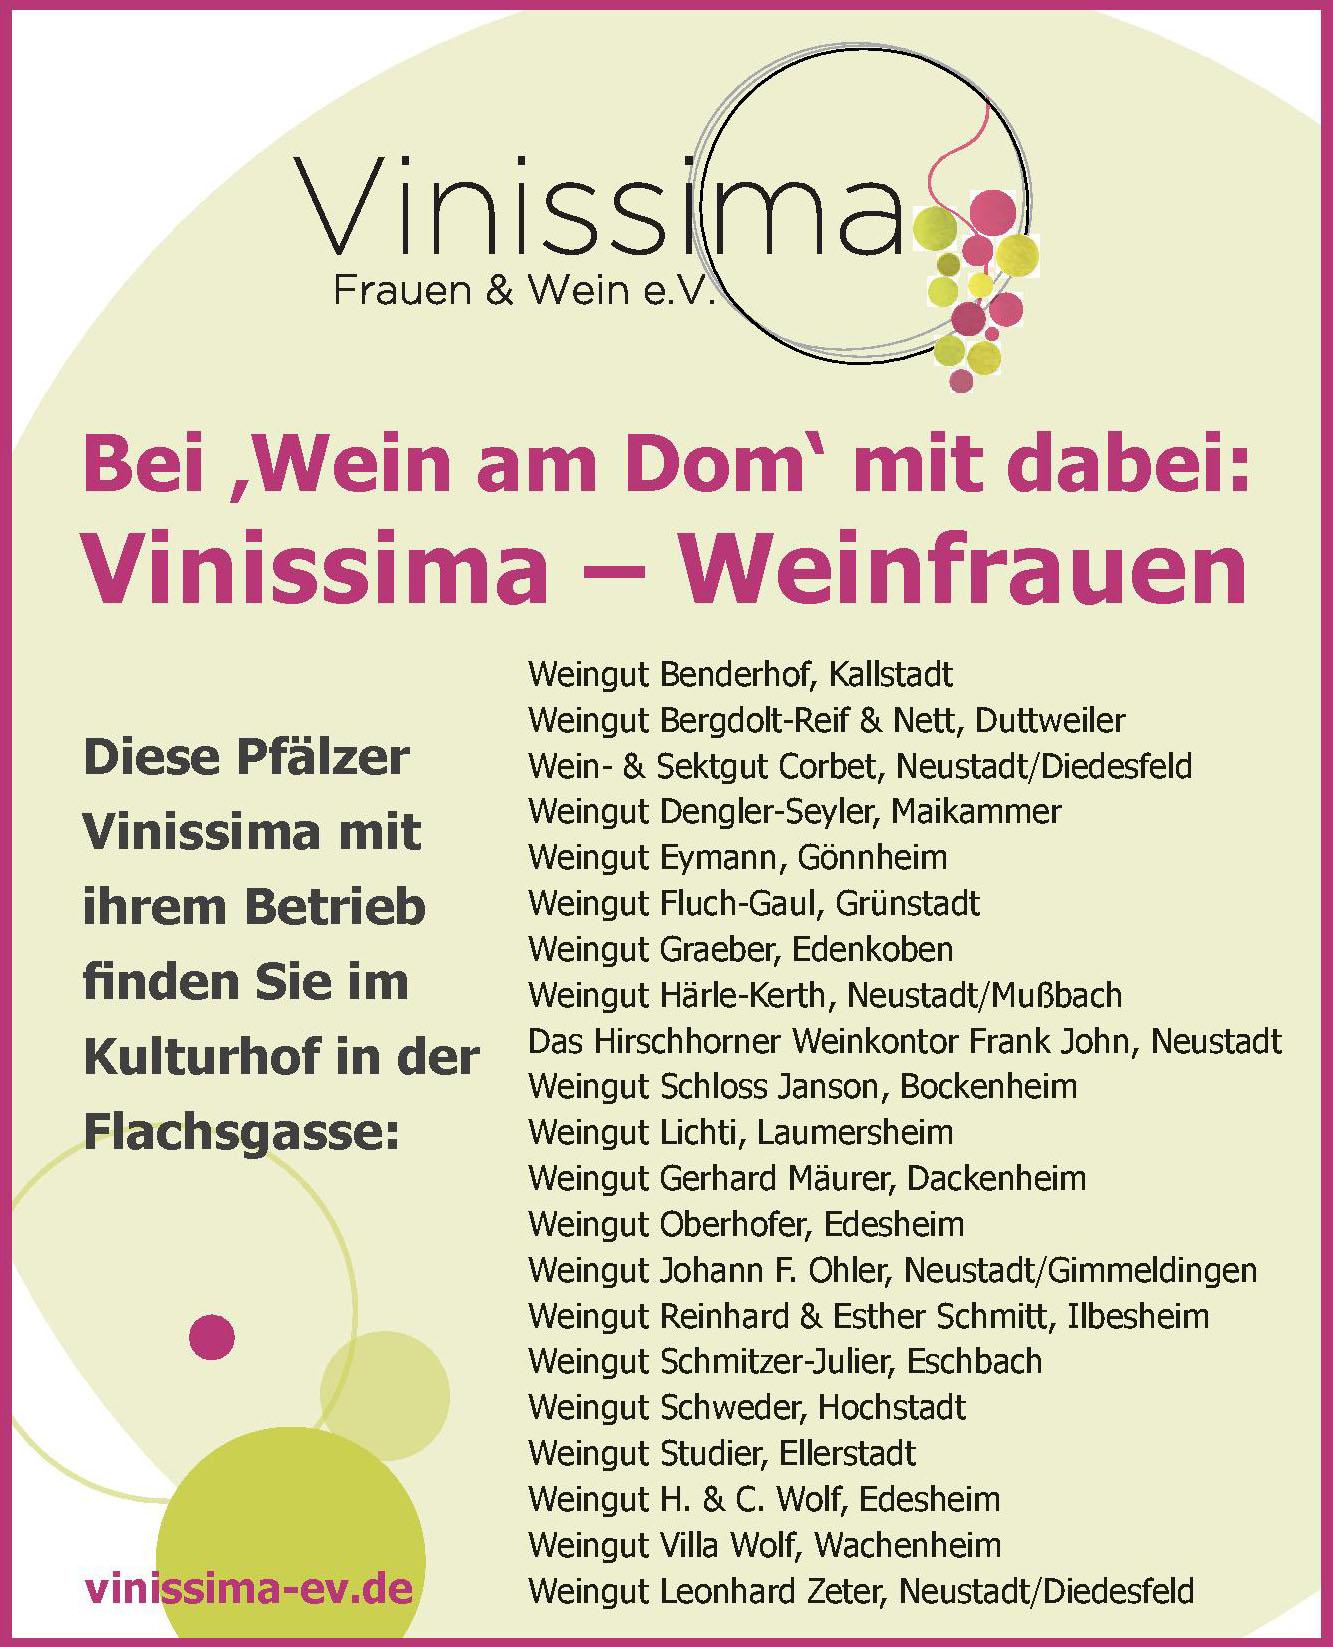 Vinissima Frauen & Wein e.V.